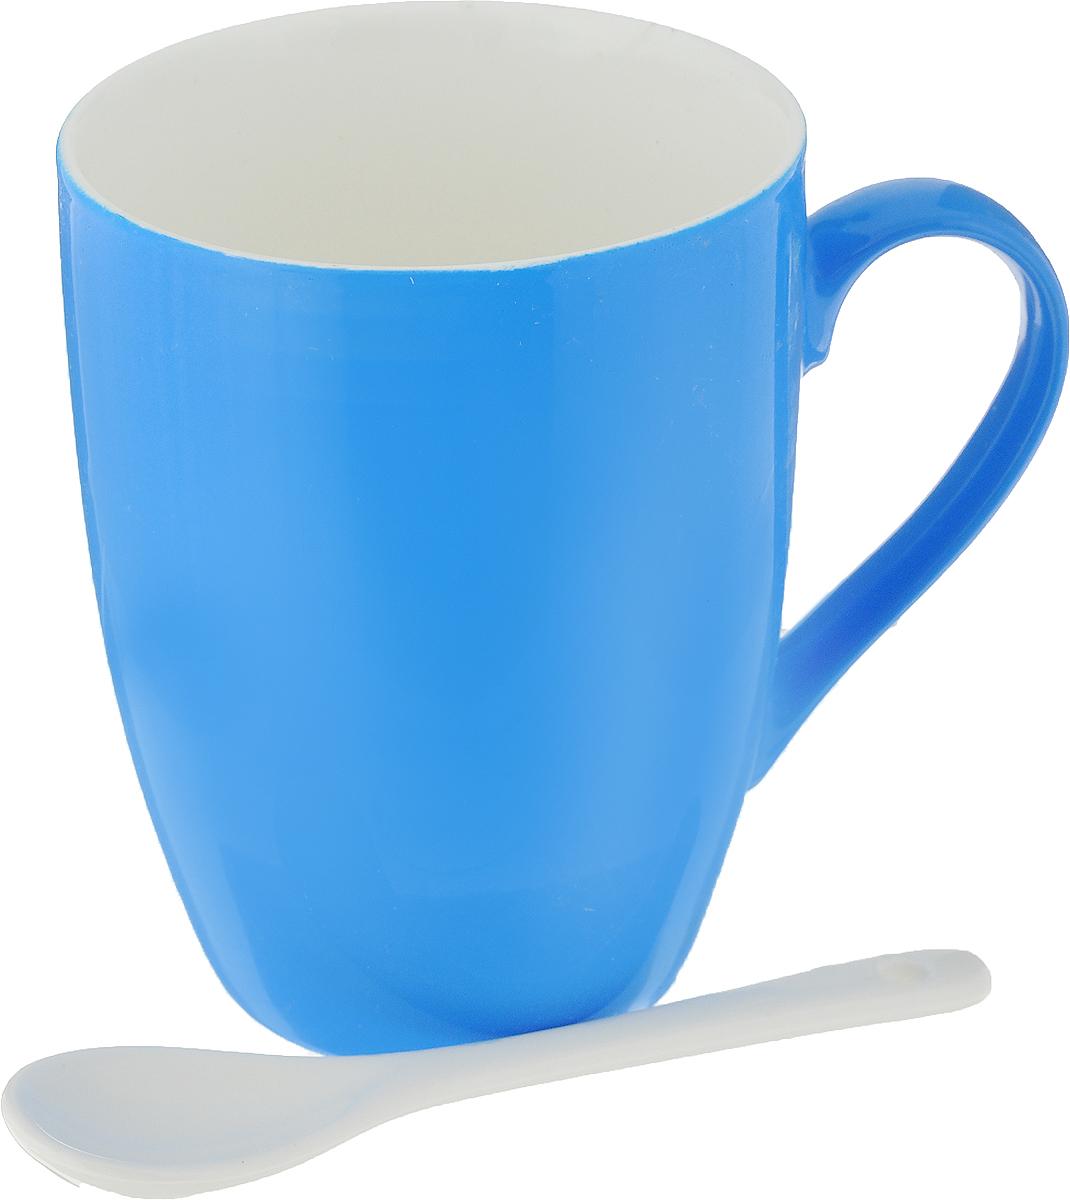 Кружка Доляна Радуга, с ложкой, цвет: синий, 300 мл699262_синийКружка Доляна Радуга изготовлена из высококачественной керамики. Изделие оформлено ярким дизайном ипокрыто превосходной сверкающей глазурью.Изысканная кружка прекрасно оформит стол к чаепитию и станет его неизменным атрибутом. В комплект входит чайная ложечка. Диаметр кружки (по верхнему краю): 8 см. Высота кружки: 10 см.